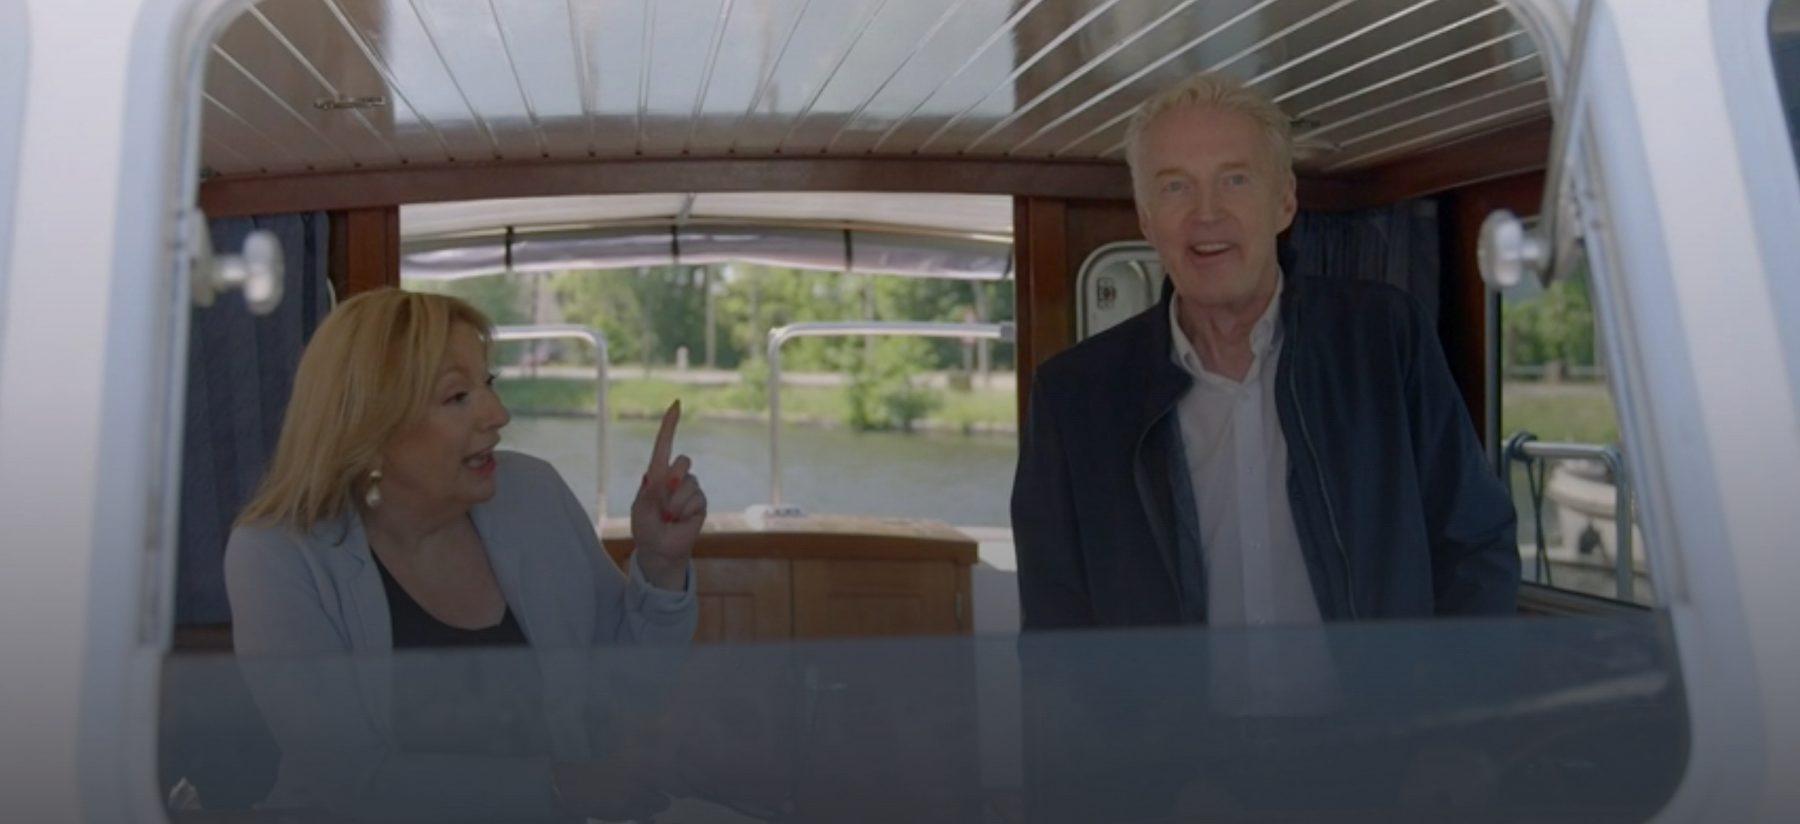 janny van der Heijden Andre van duin denkend aan Holland boottocht Nederland